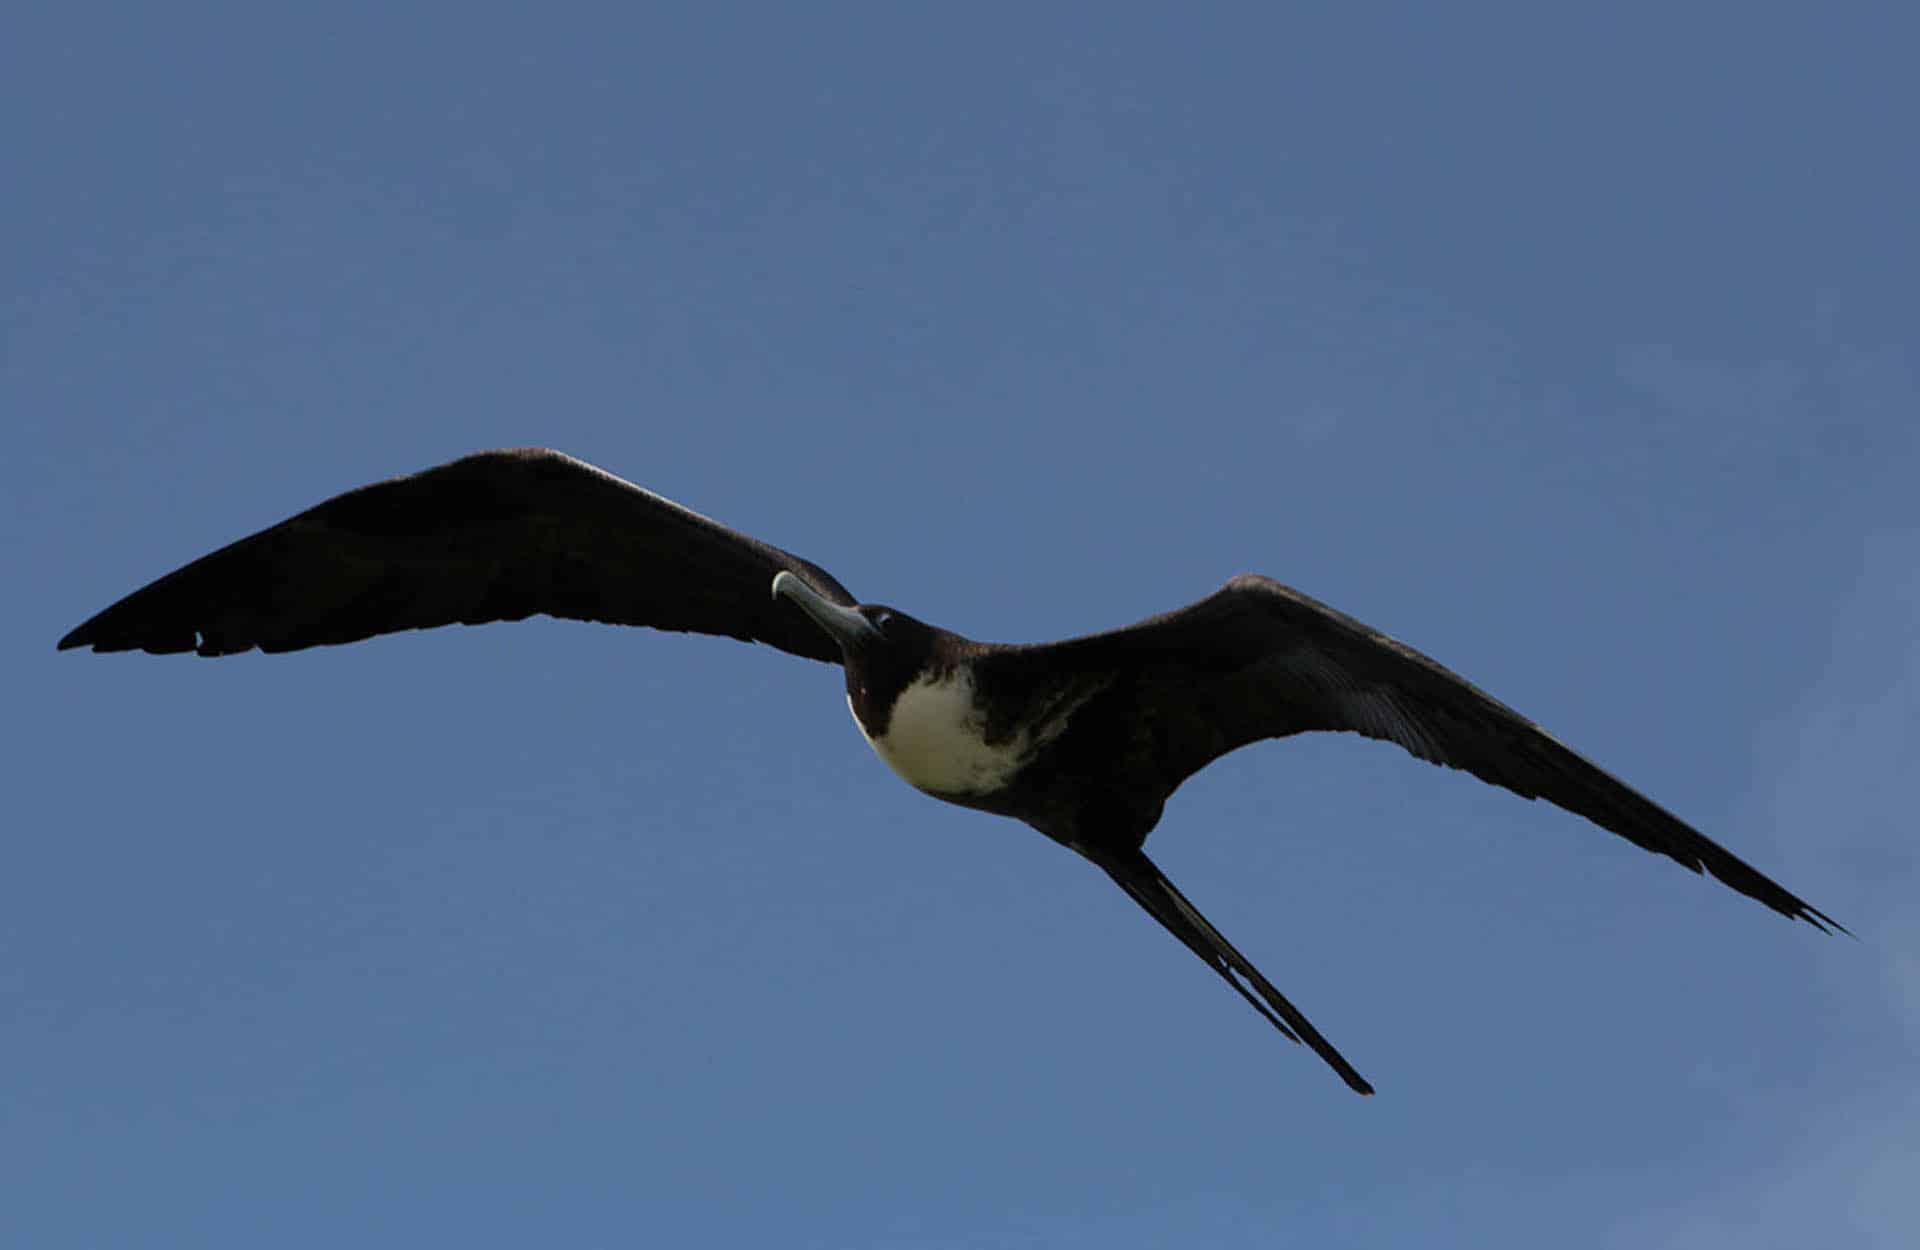 frigate bird galapagos species